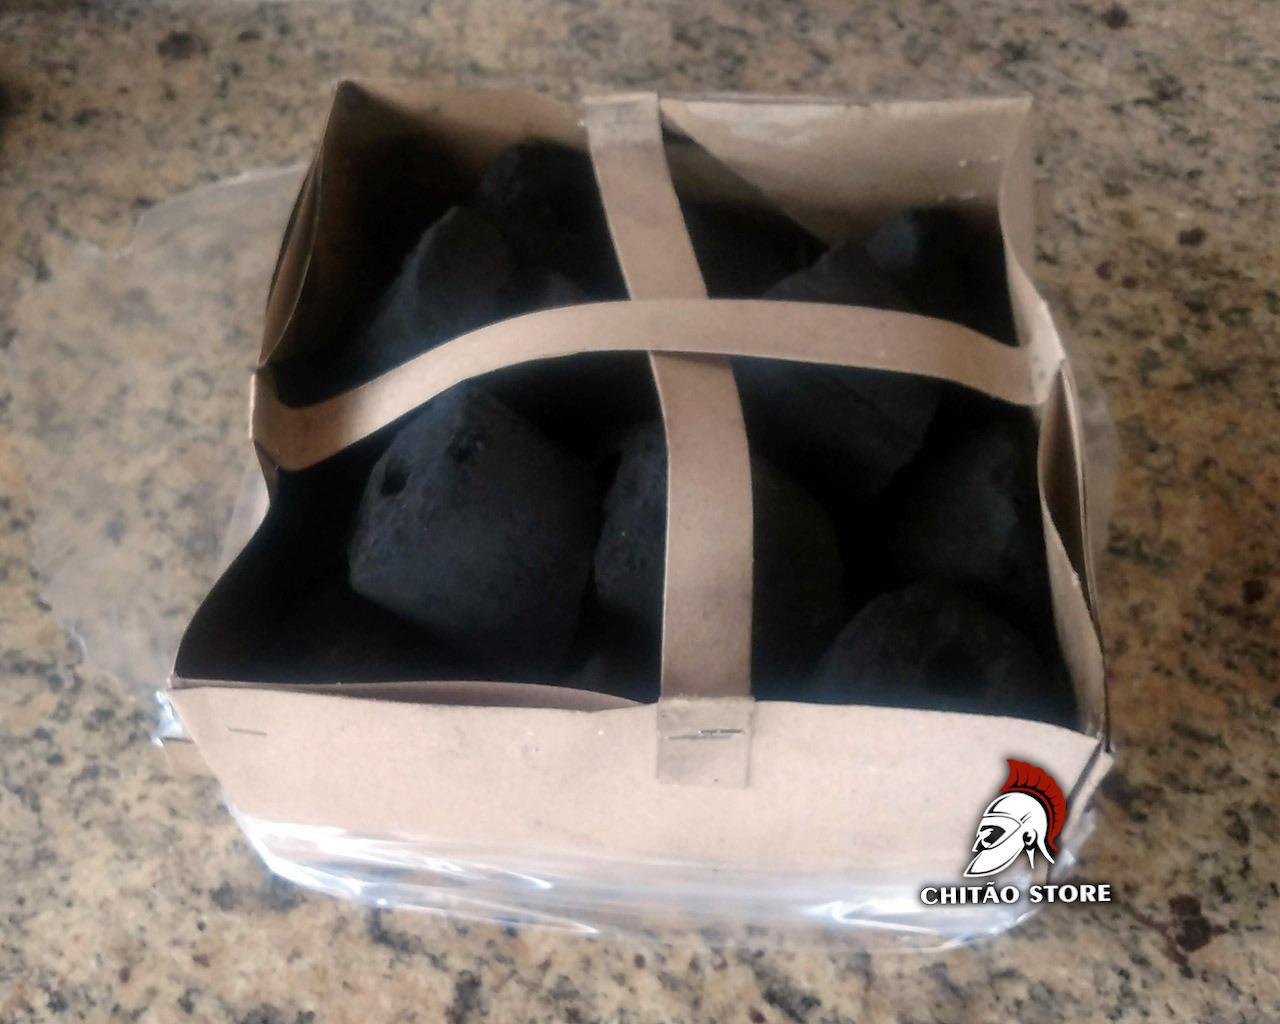 Carvão Acezo 3kg  - Chitao Store